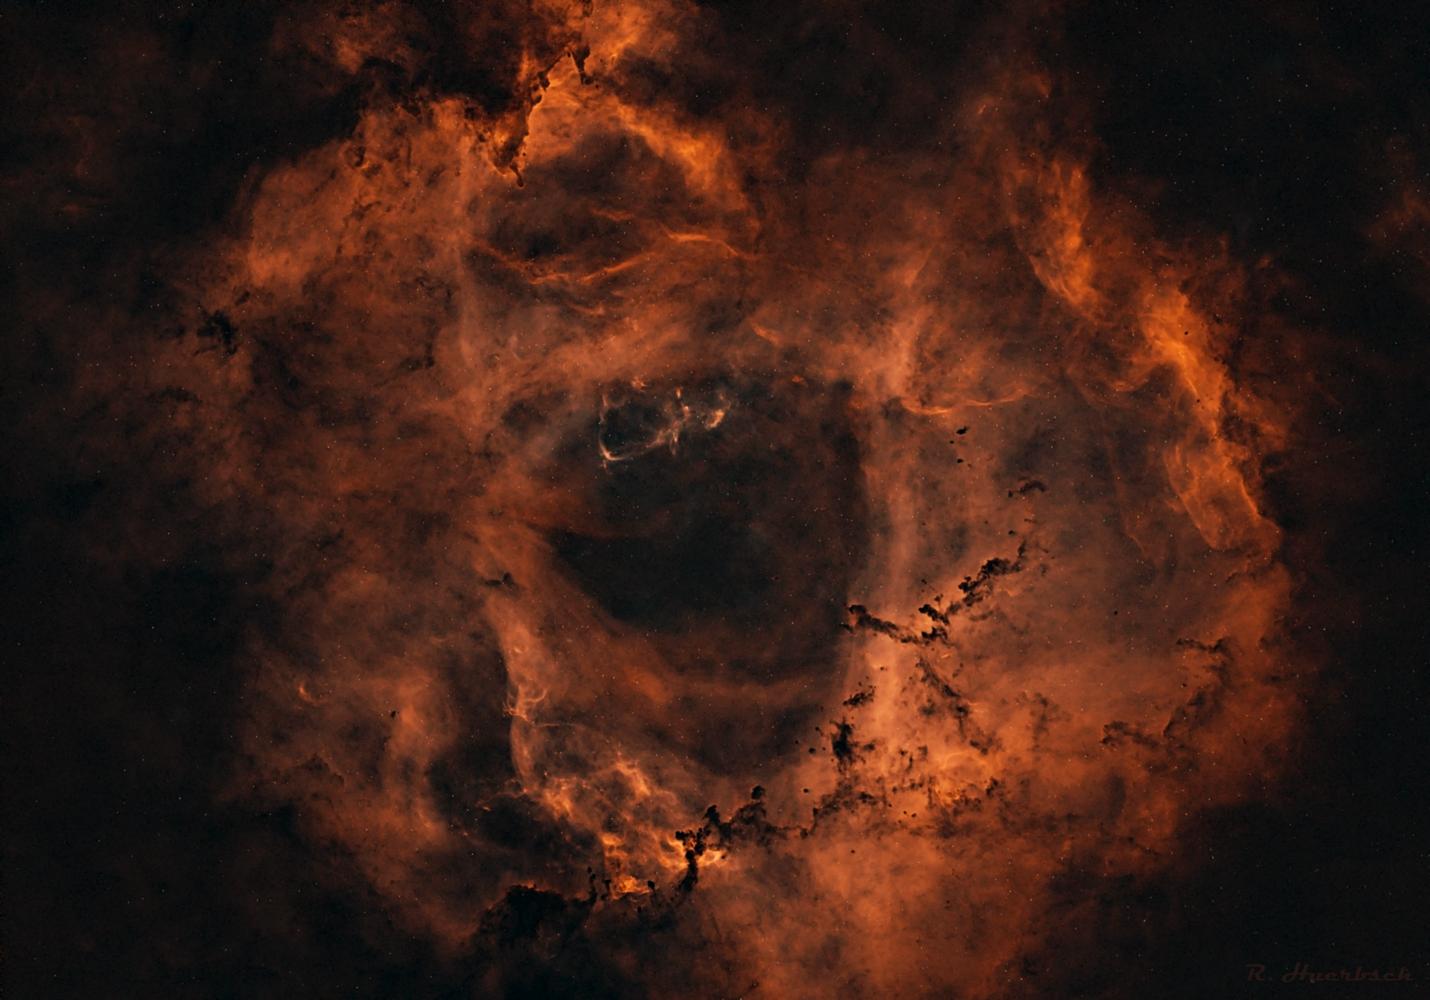 Starless Rosette Nebula by Robert Huerbsch